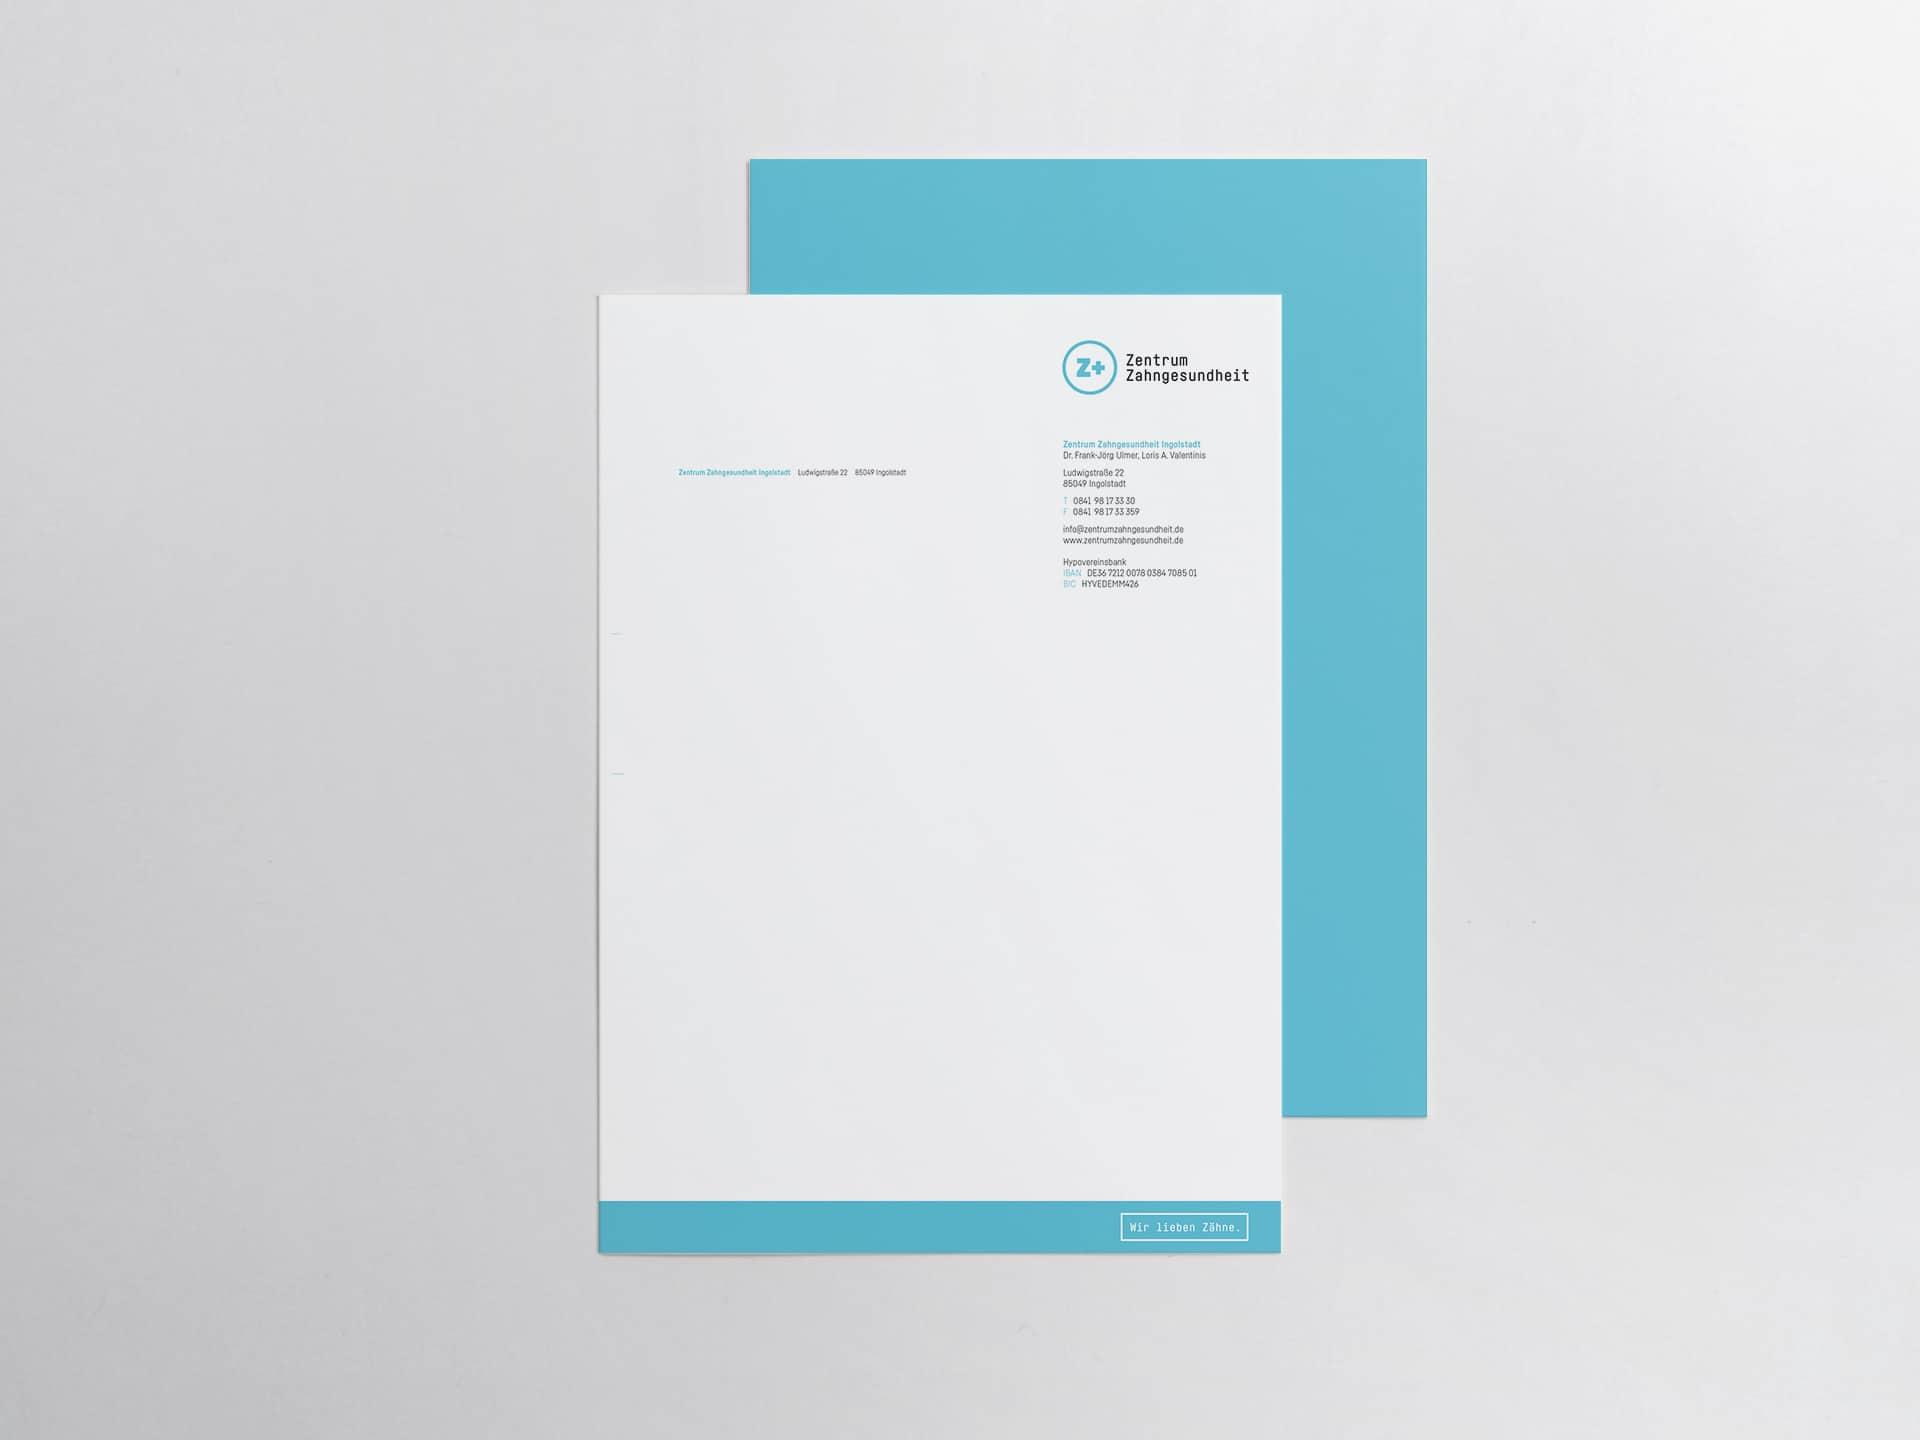 Design Briefbogen Zentrum Zahngesundheit